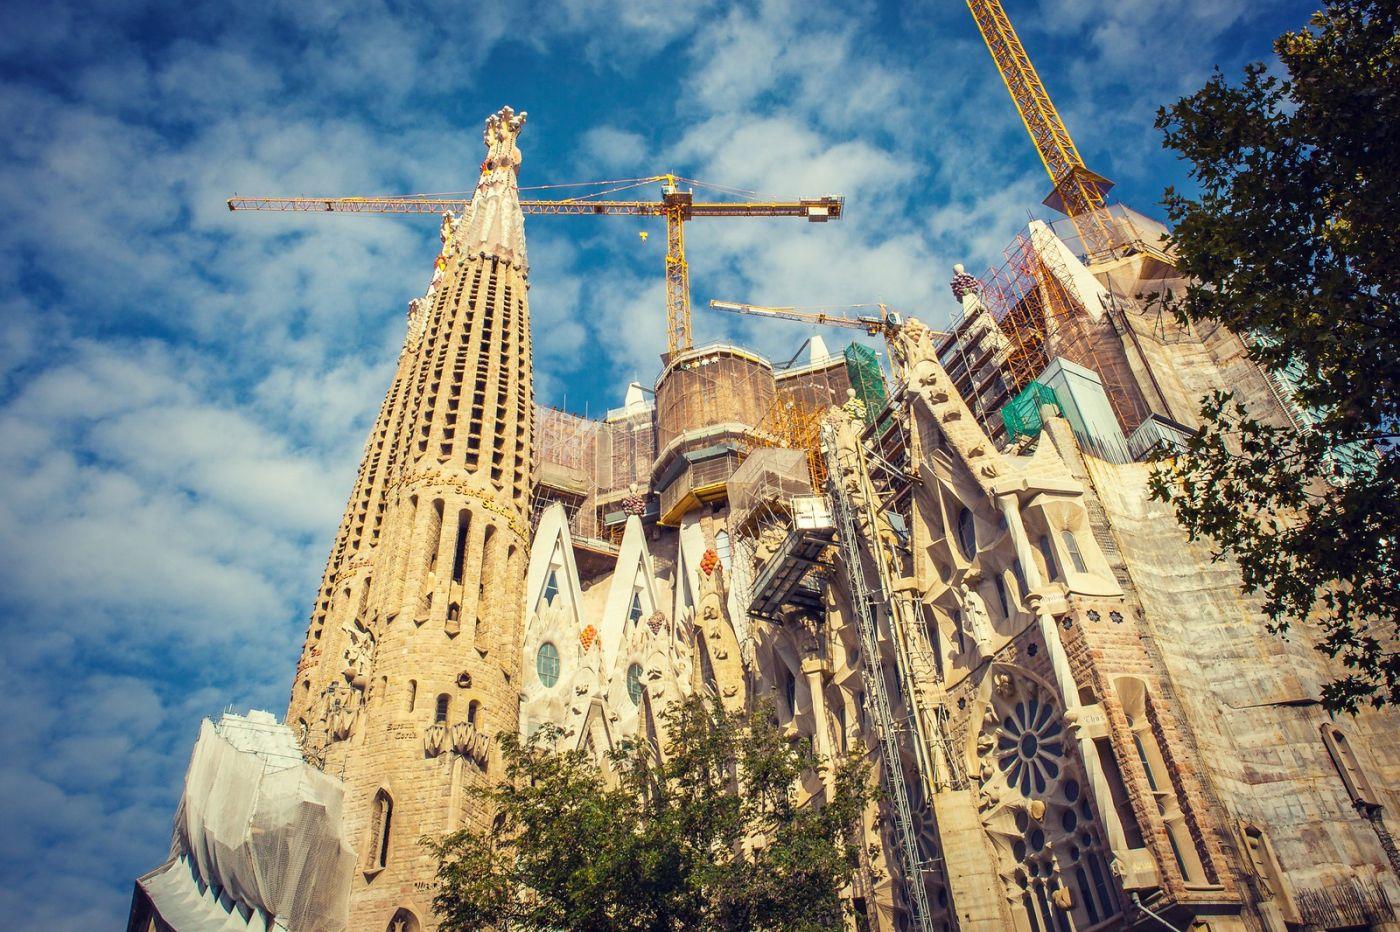 西班牙圣家堂(Sagrada Família), 上帝建筑师-高第的作品_图1-17